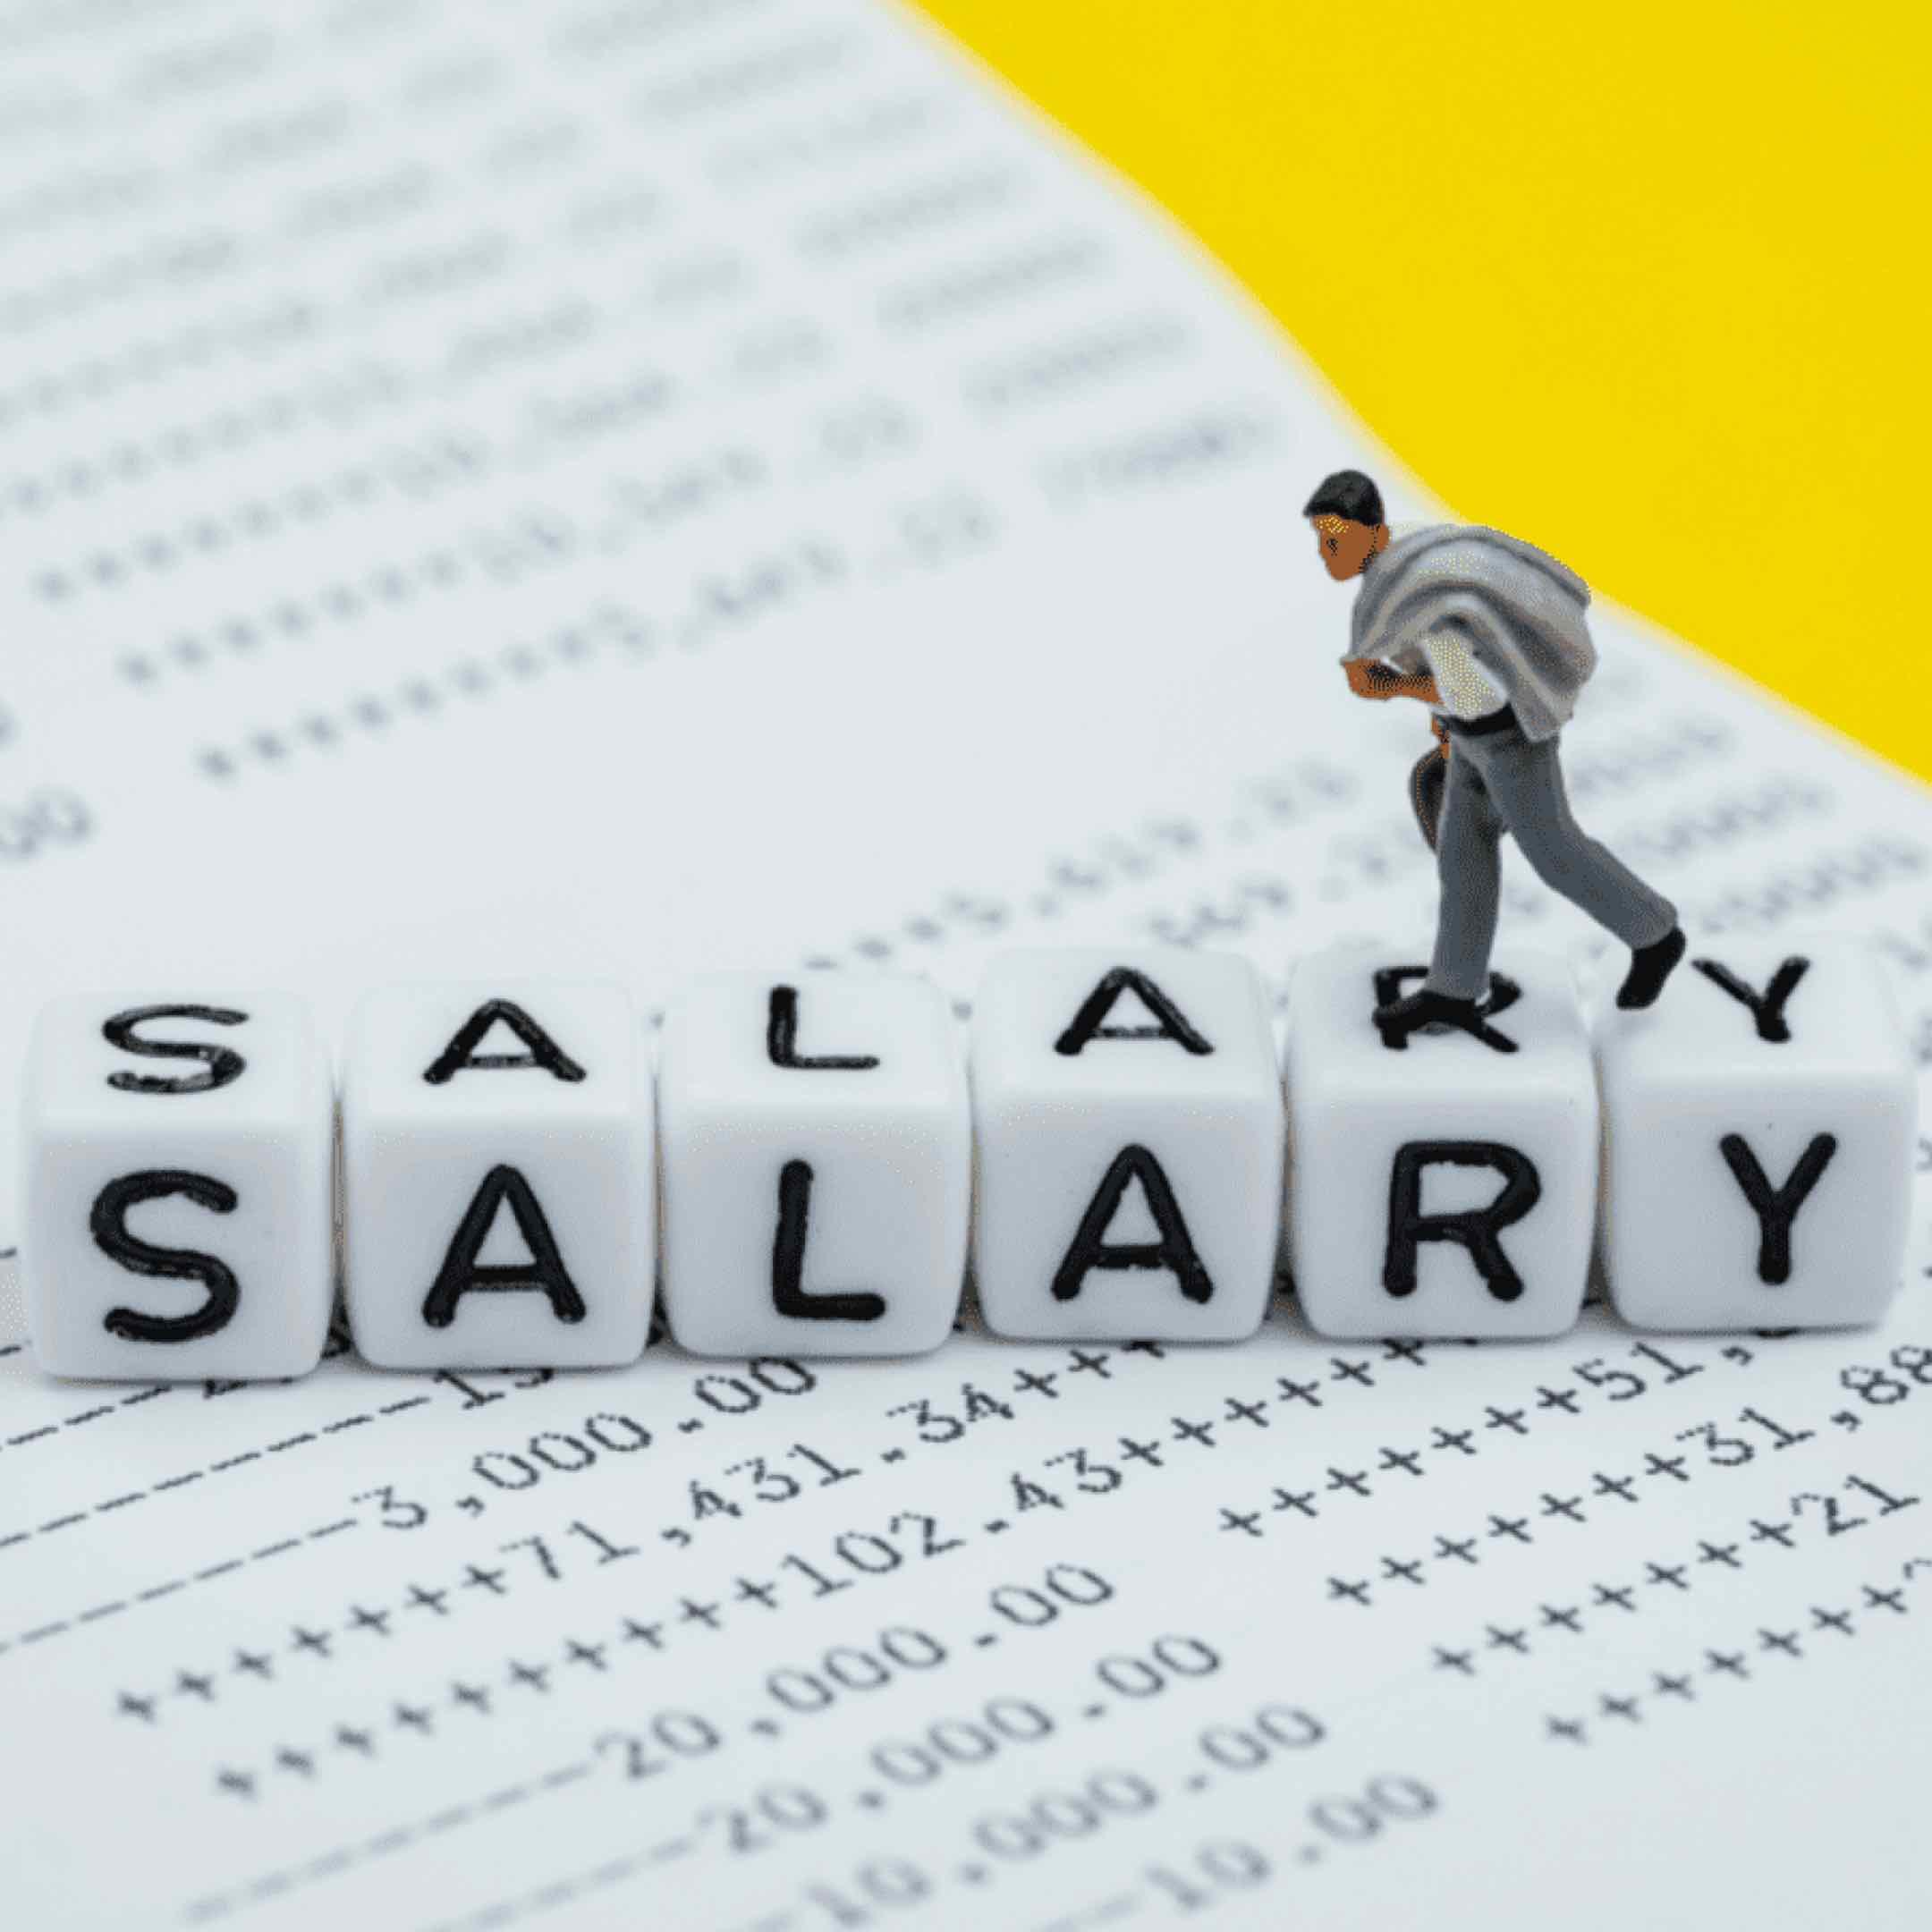 Sự công bằng của tiền lương, bạn nghĩ mình đã hiểu đúng?